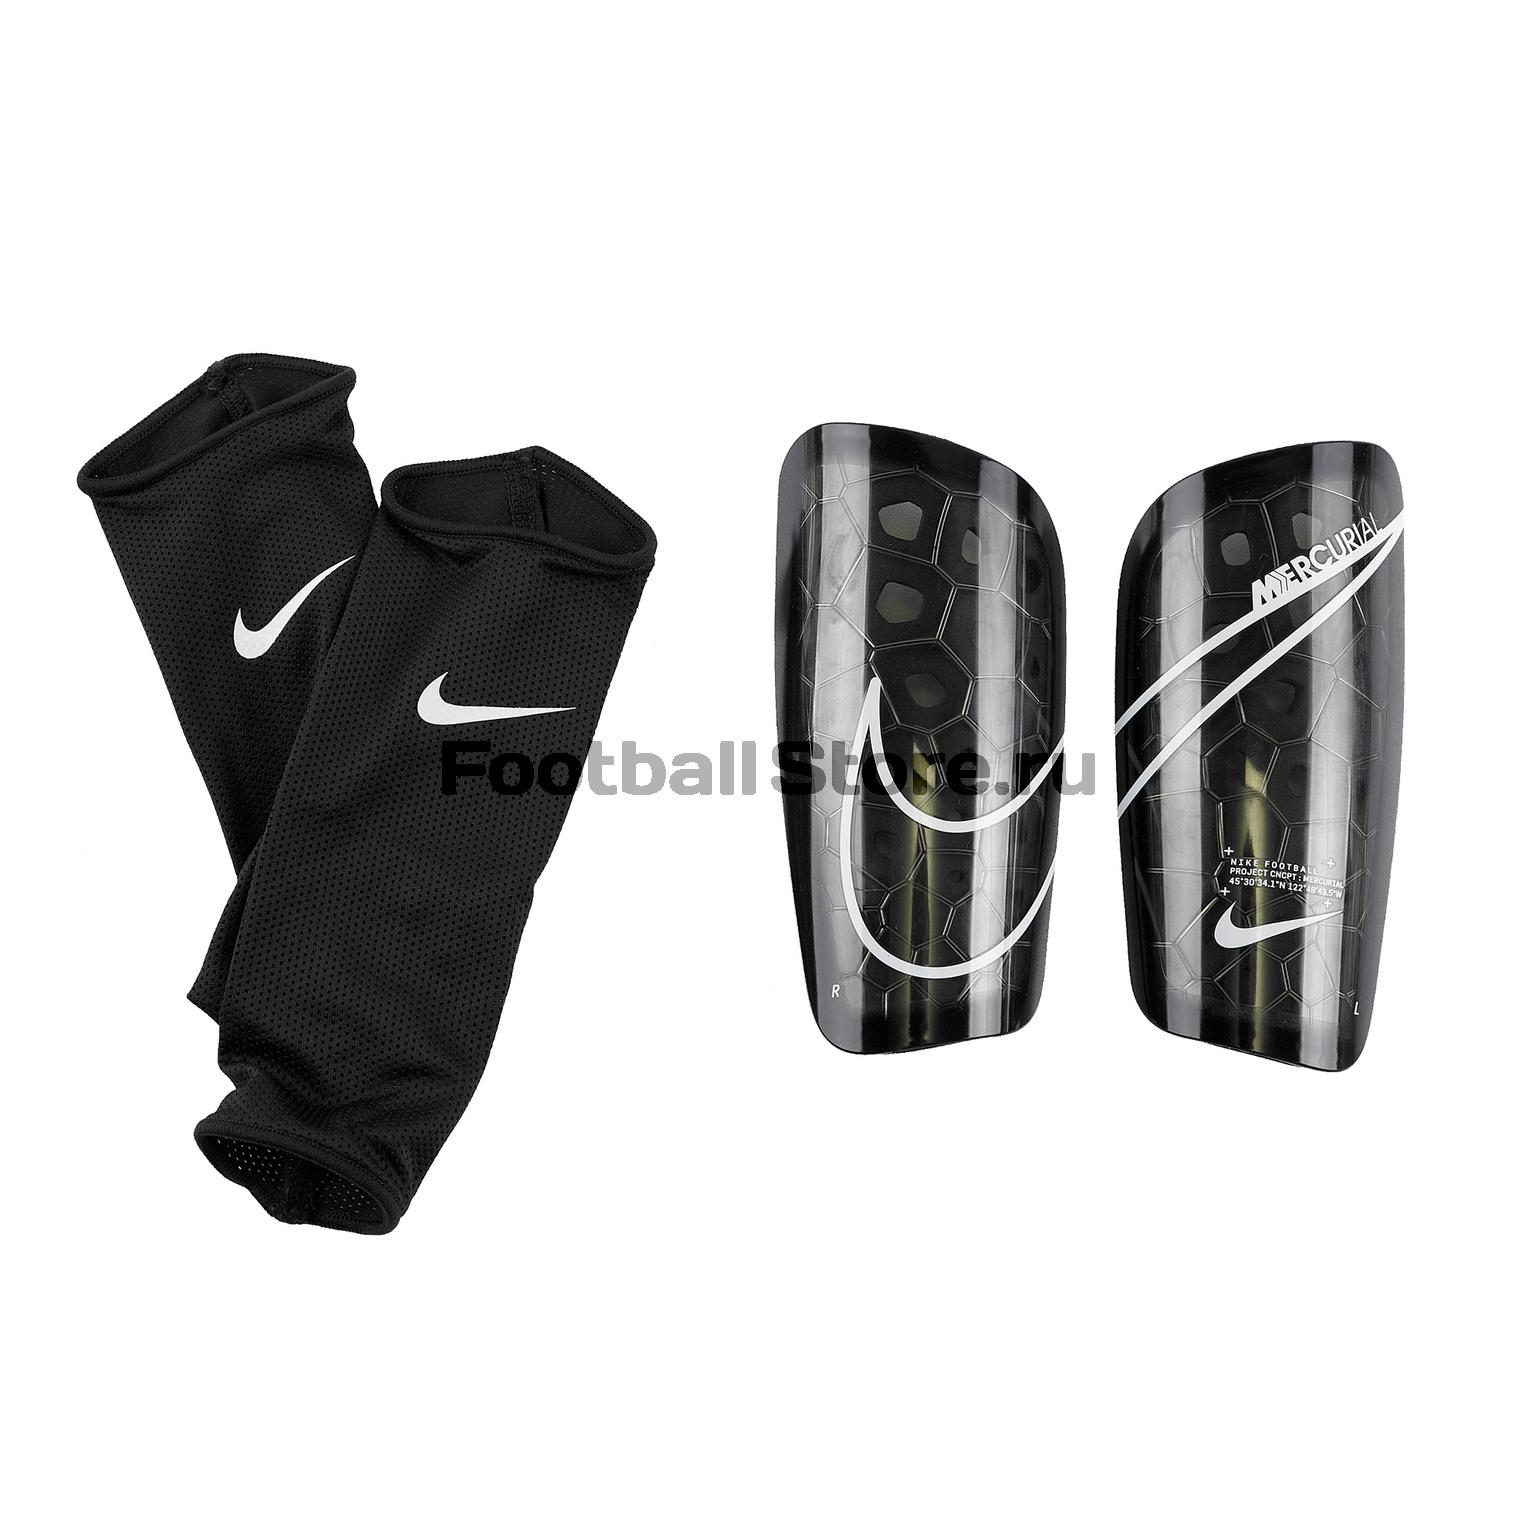 цена на Щитки Nike Mercurial Lite GRD SP2120-013